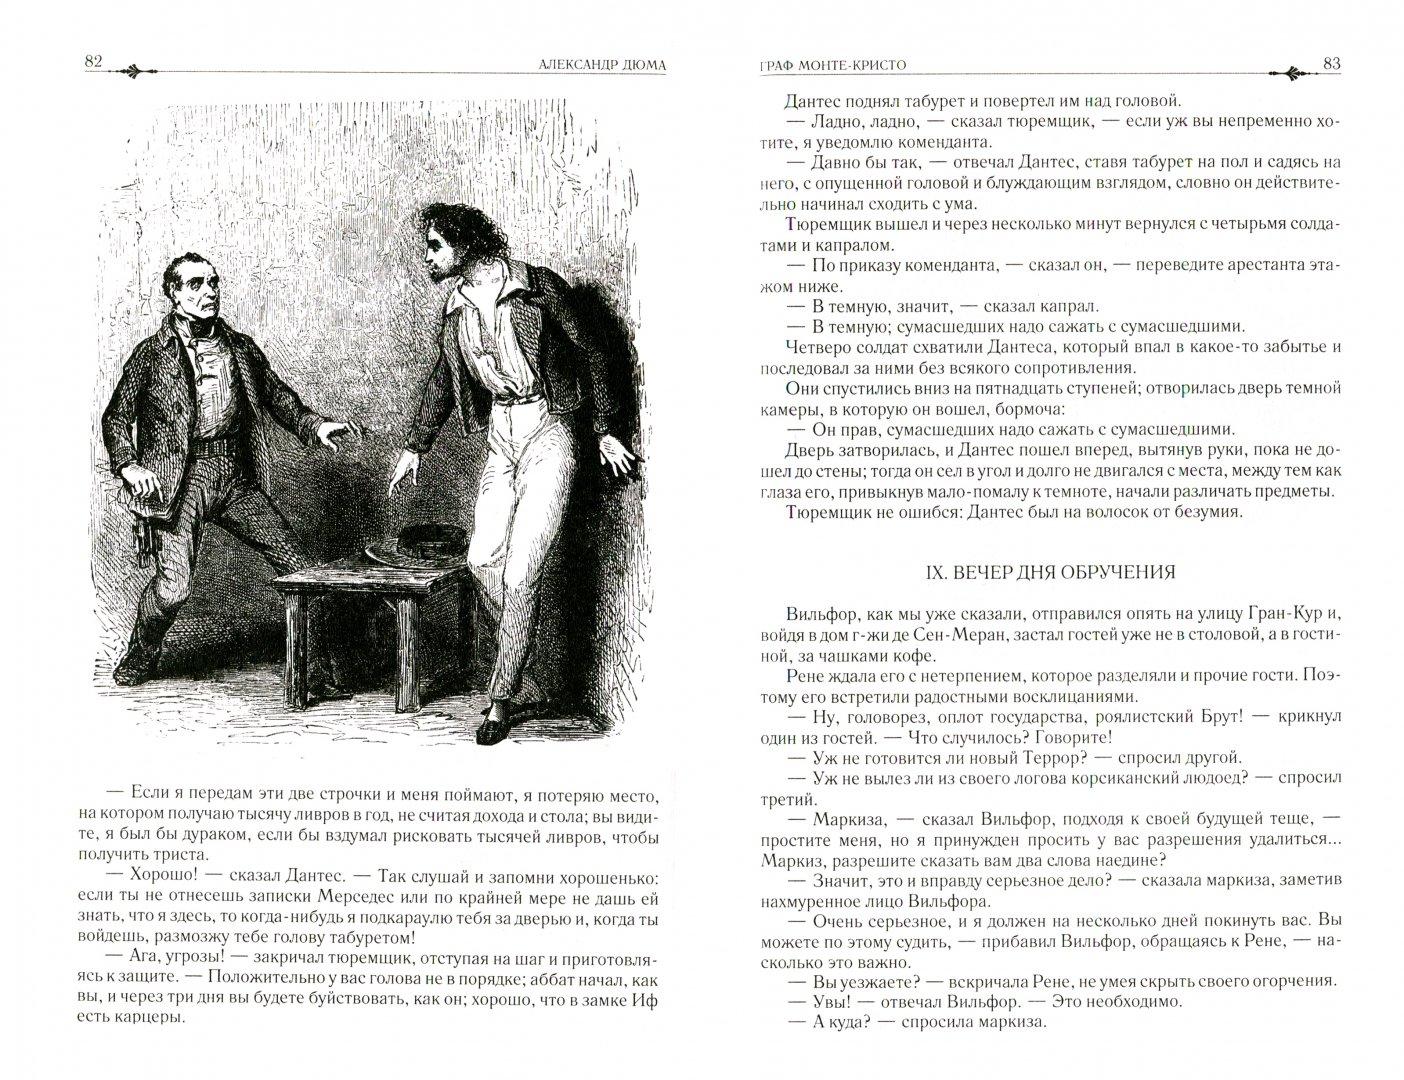 Иллюстрация 1 из 24 для Граф Монте-Кристо. Полное иллюстрированное издание в одном томе - Александр Дюма | Лабиринт - книги. Источник: Лабиринт